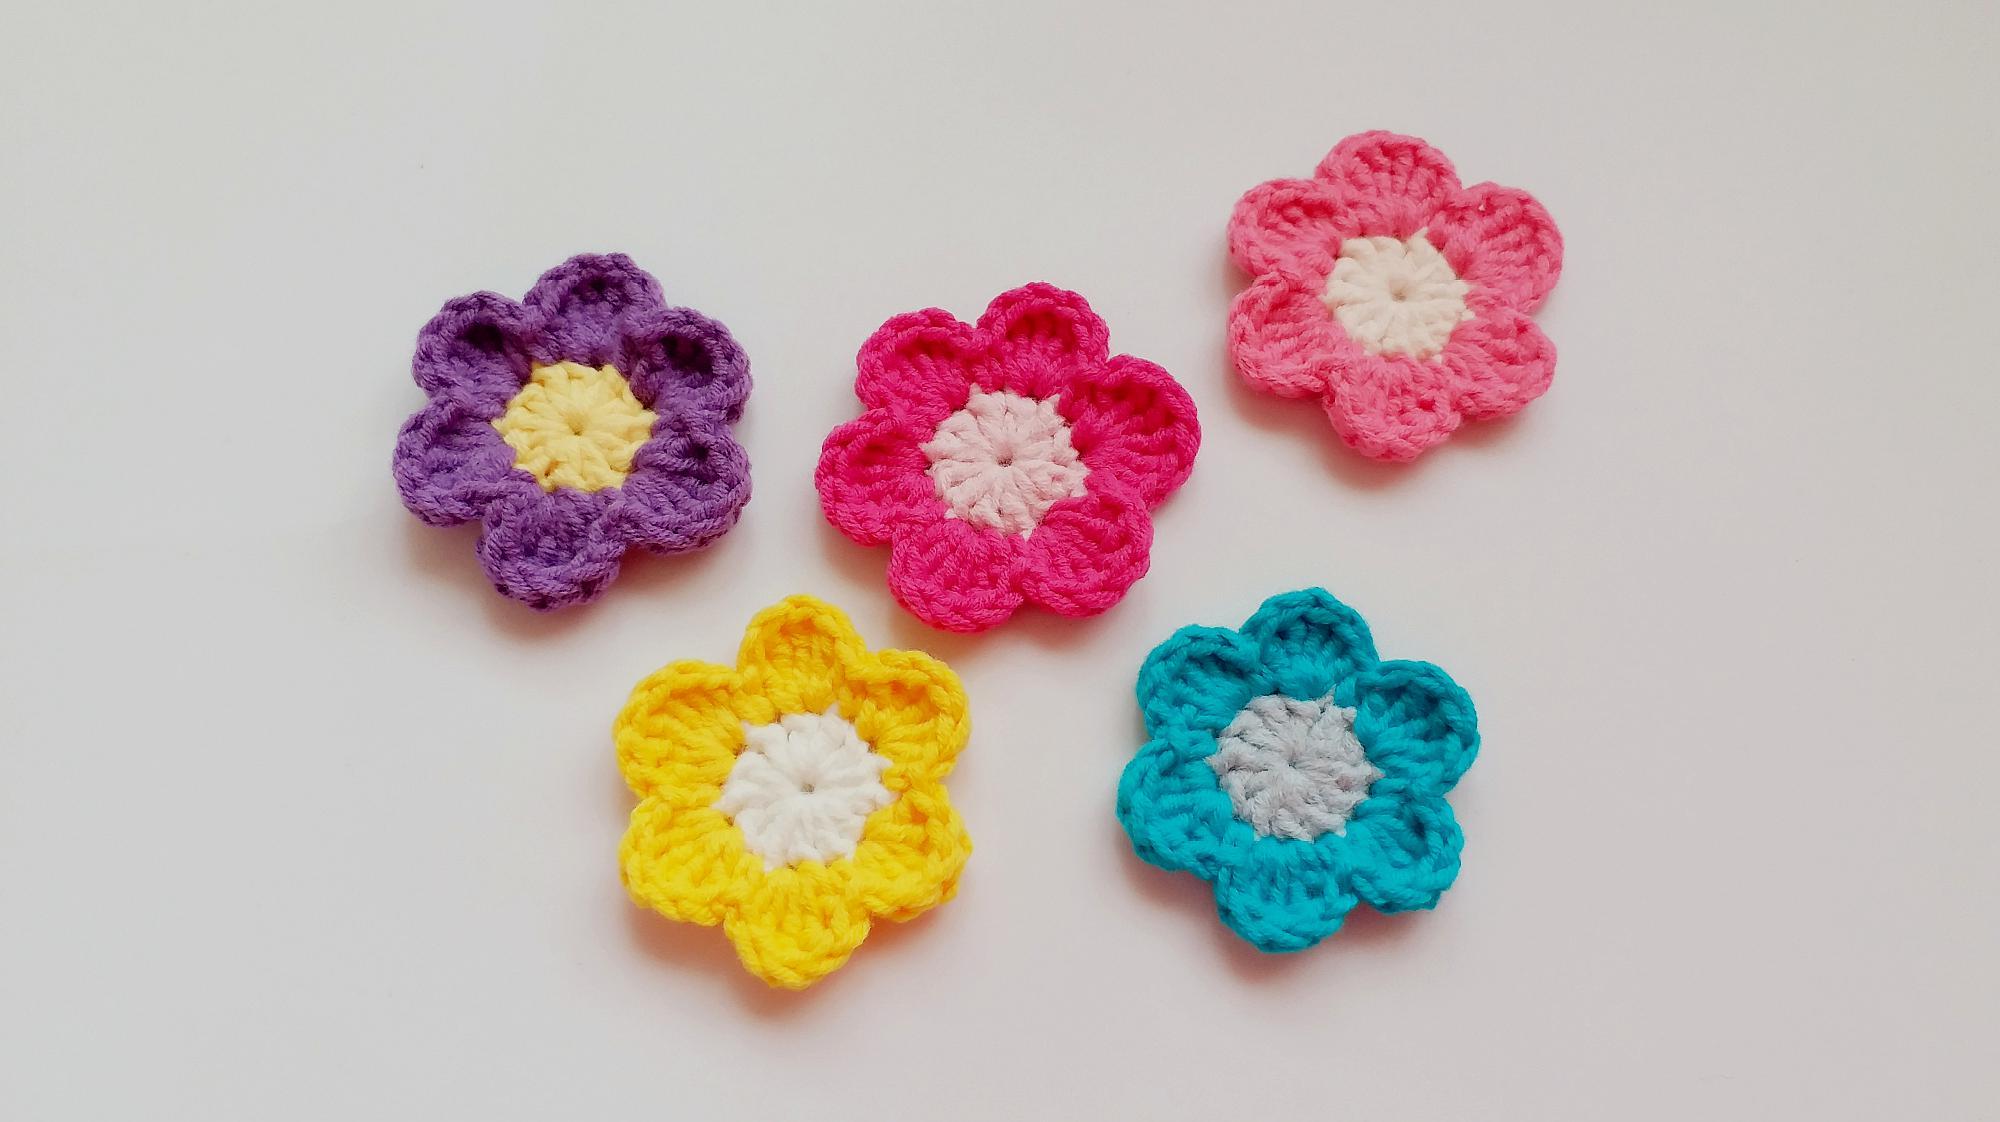 教你用钩针编织精致花朵